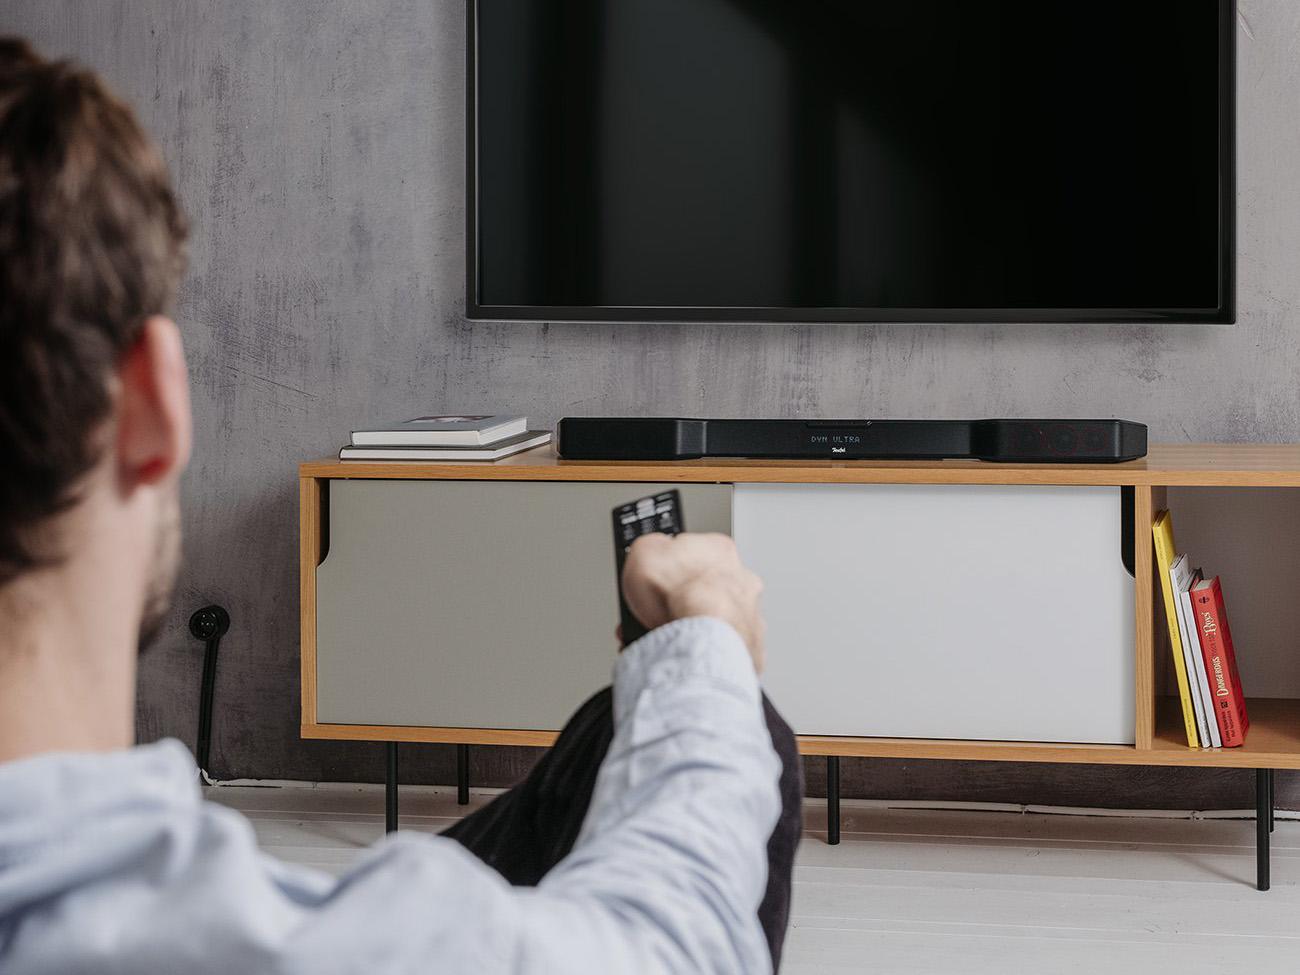 Mann auf Sofa vor Fernseher und Cinebar